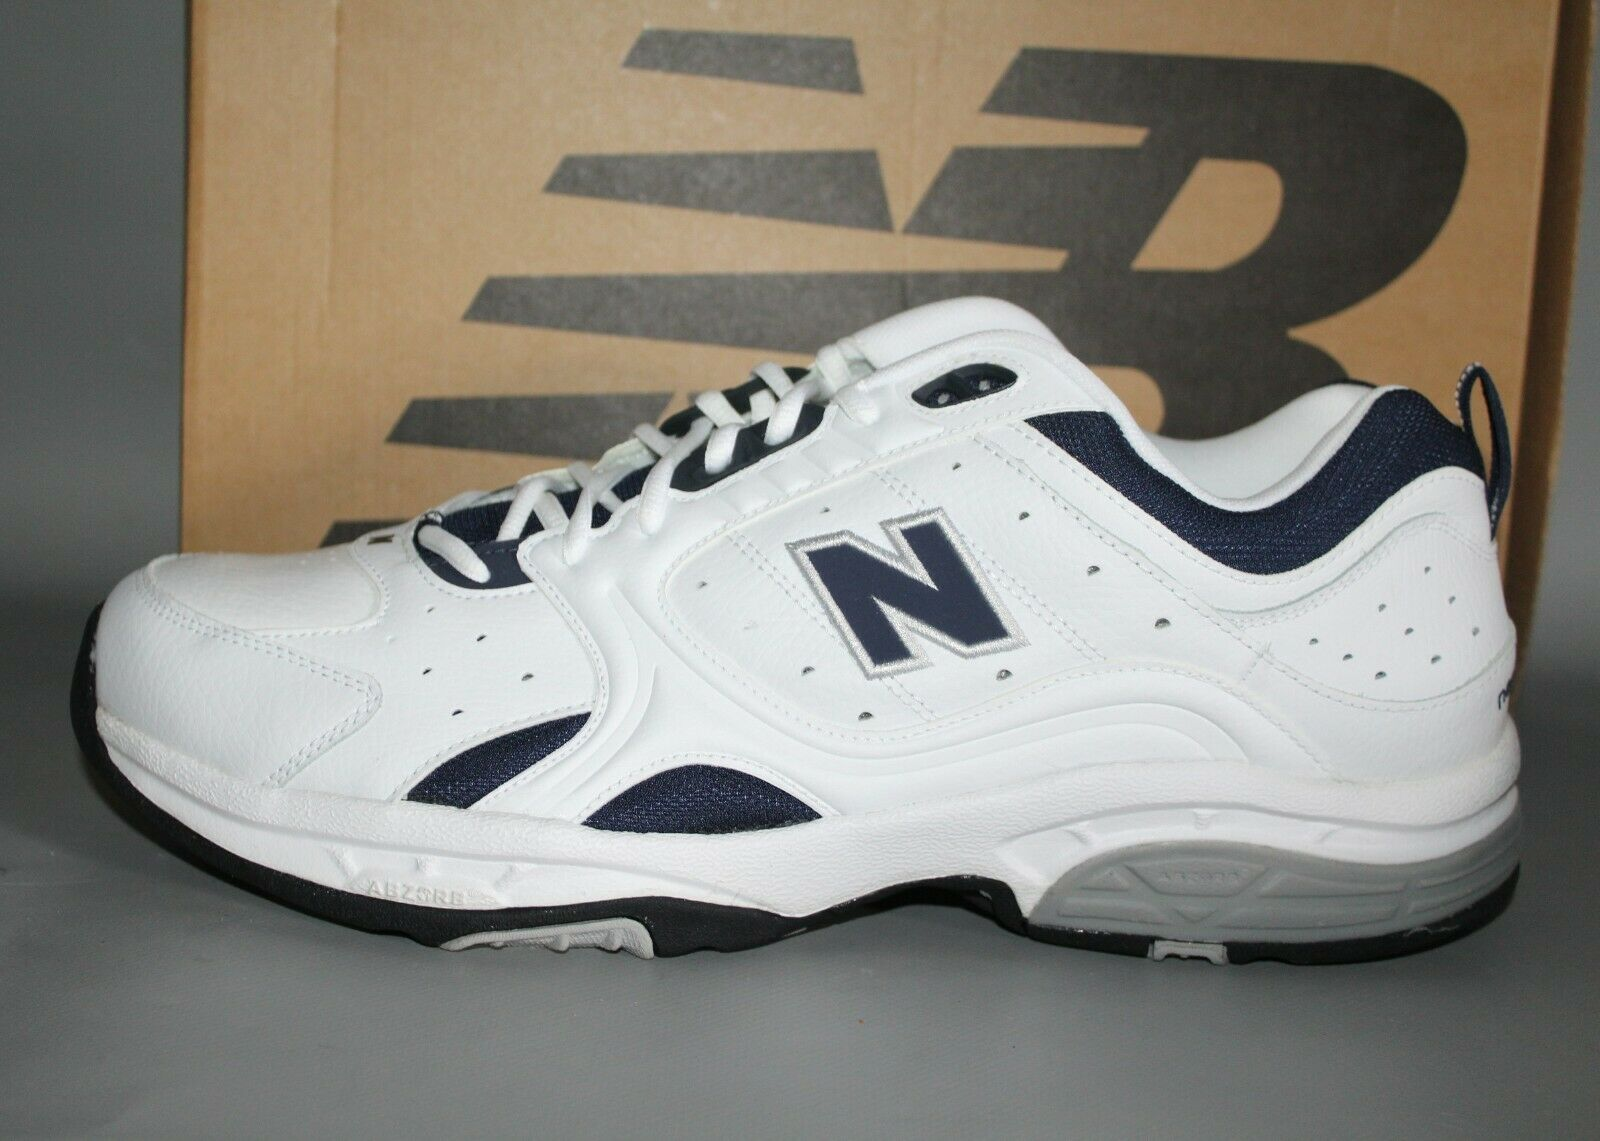 Nuevo Para hombres MX622WN D New Balance (Medio) blancoo Zapatos de entrenamiento cruzado